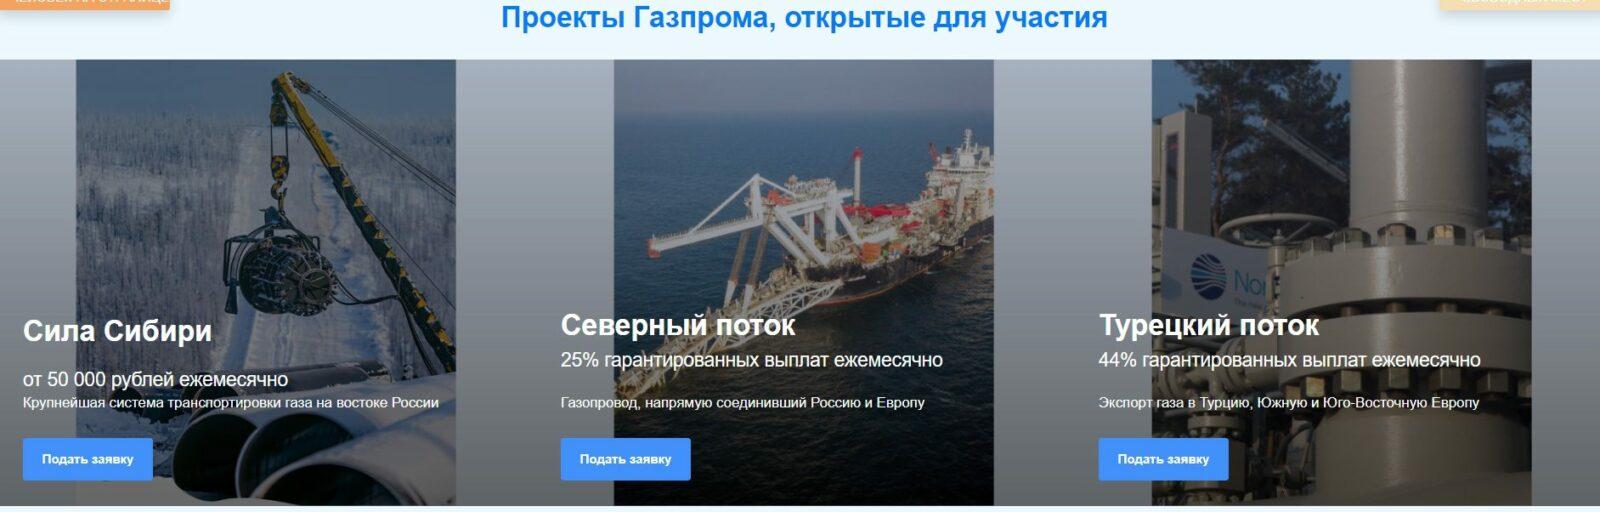 Проекты Газпрома